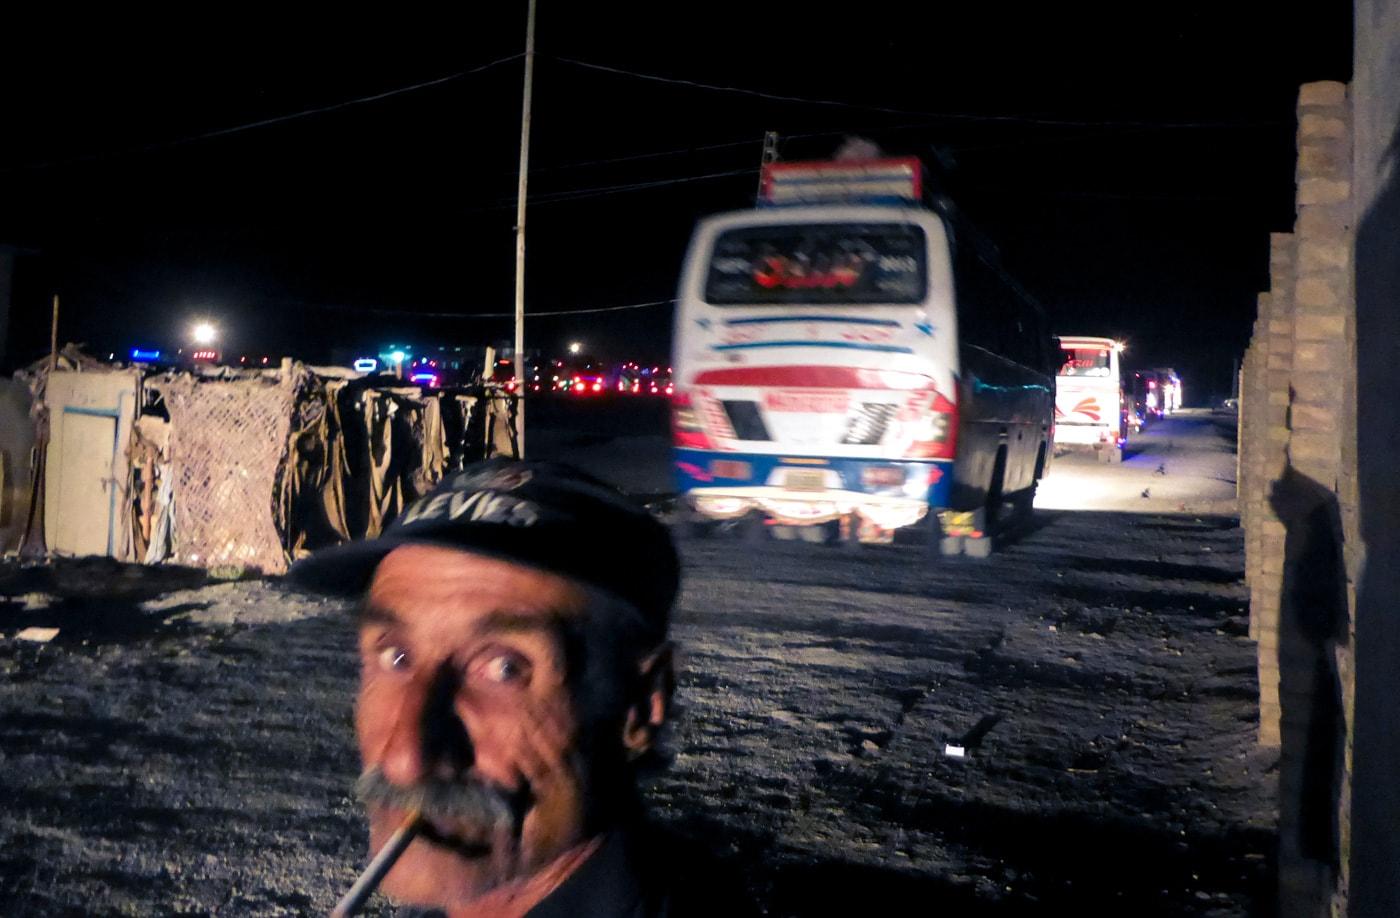 la scorta autobus polizia